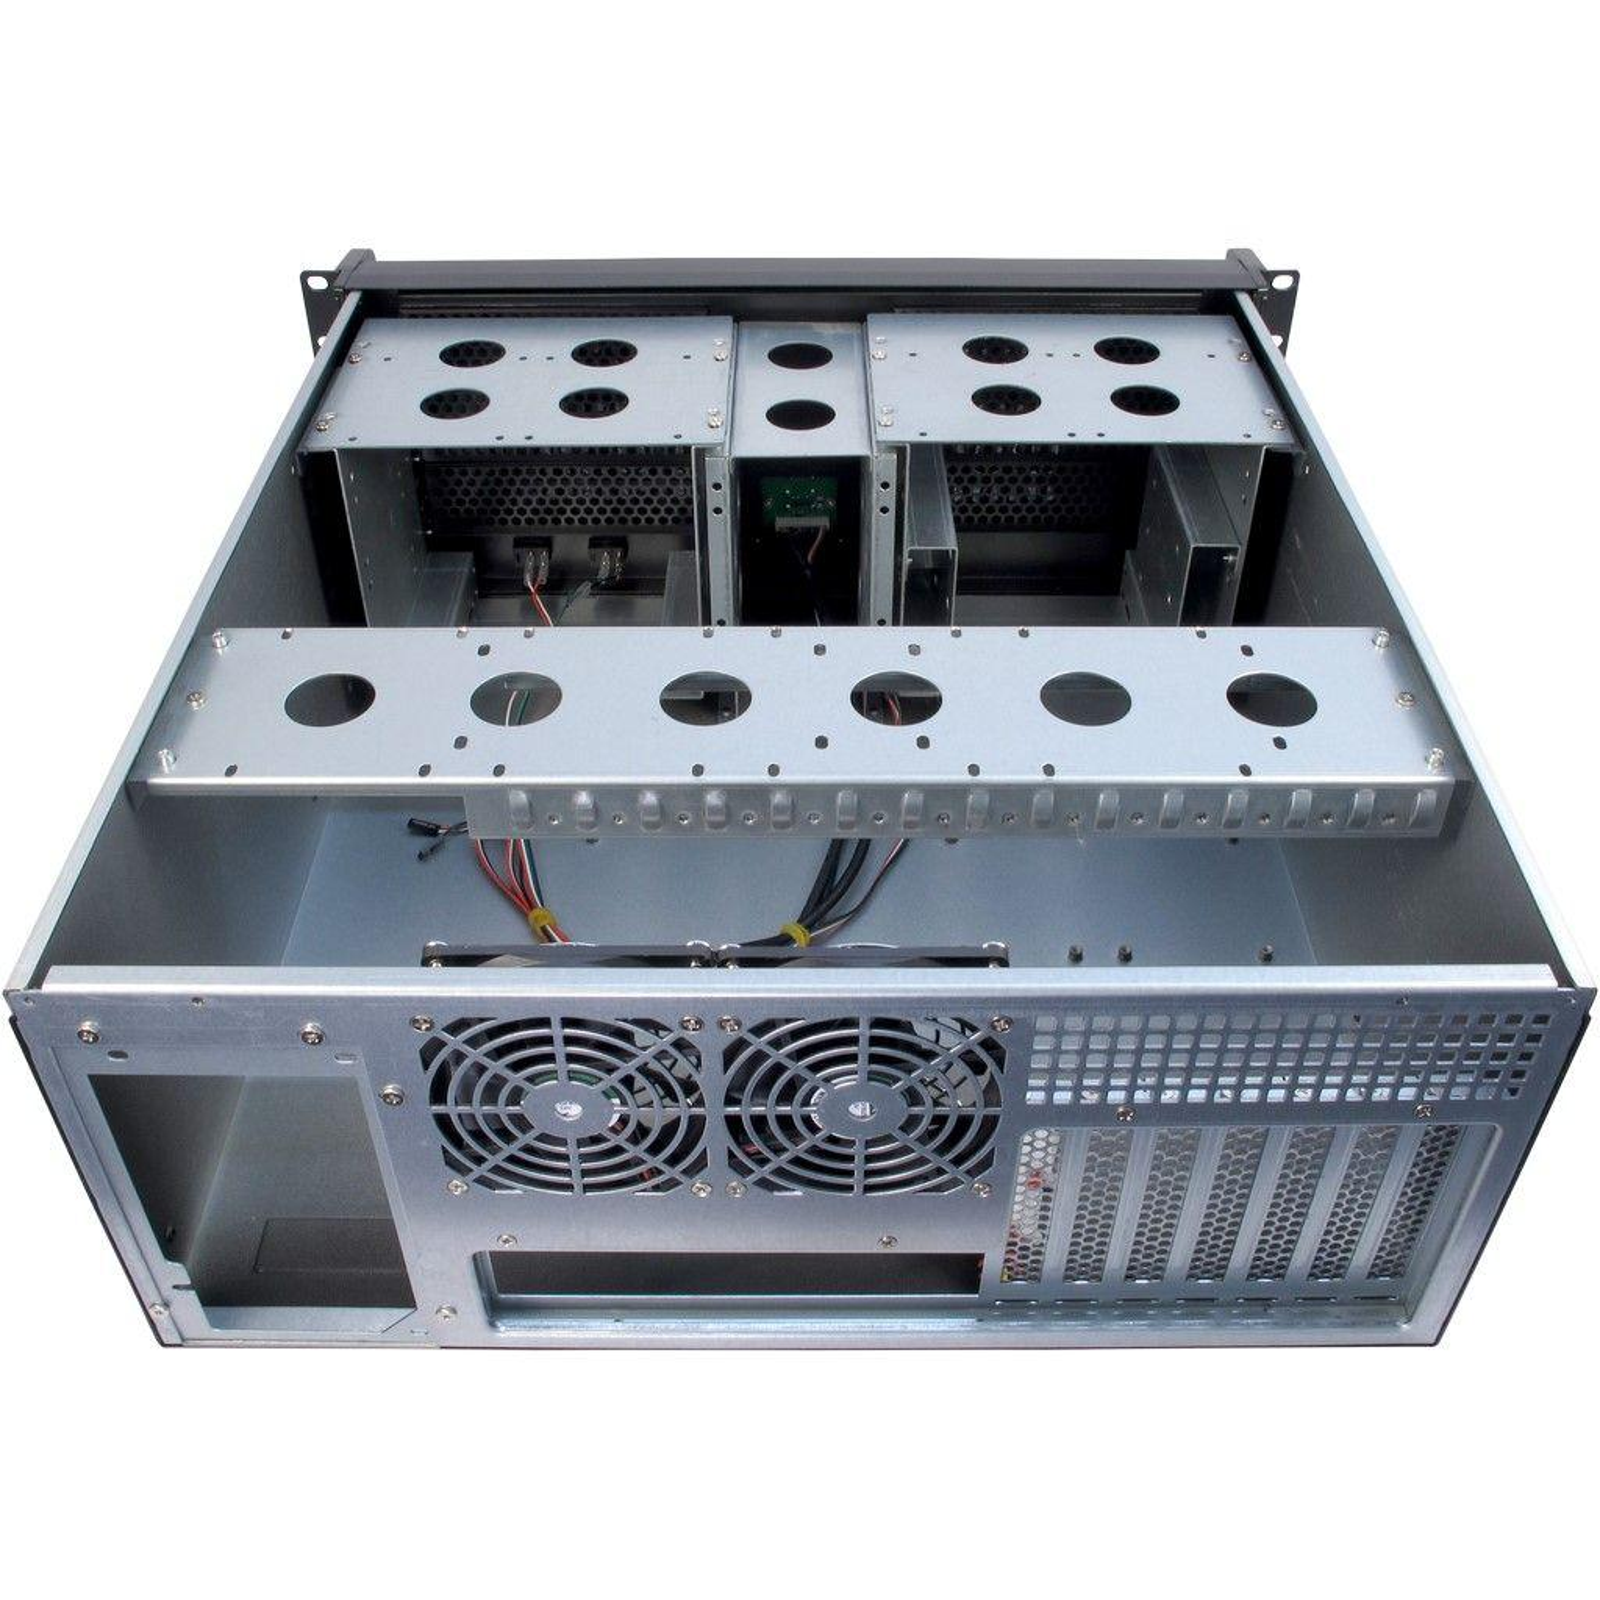 Корпус для сервера Inter-Tech 4U 4098-S (451093) изображение 4